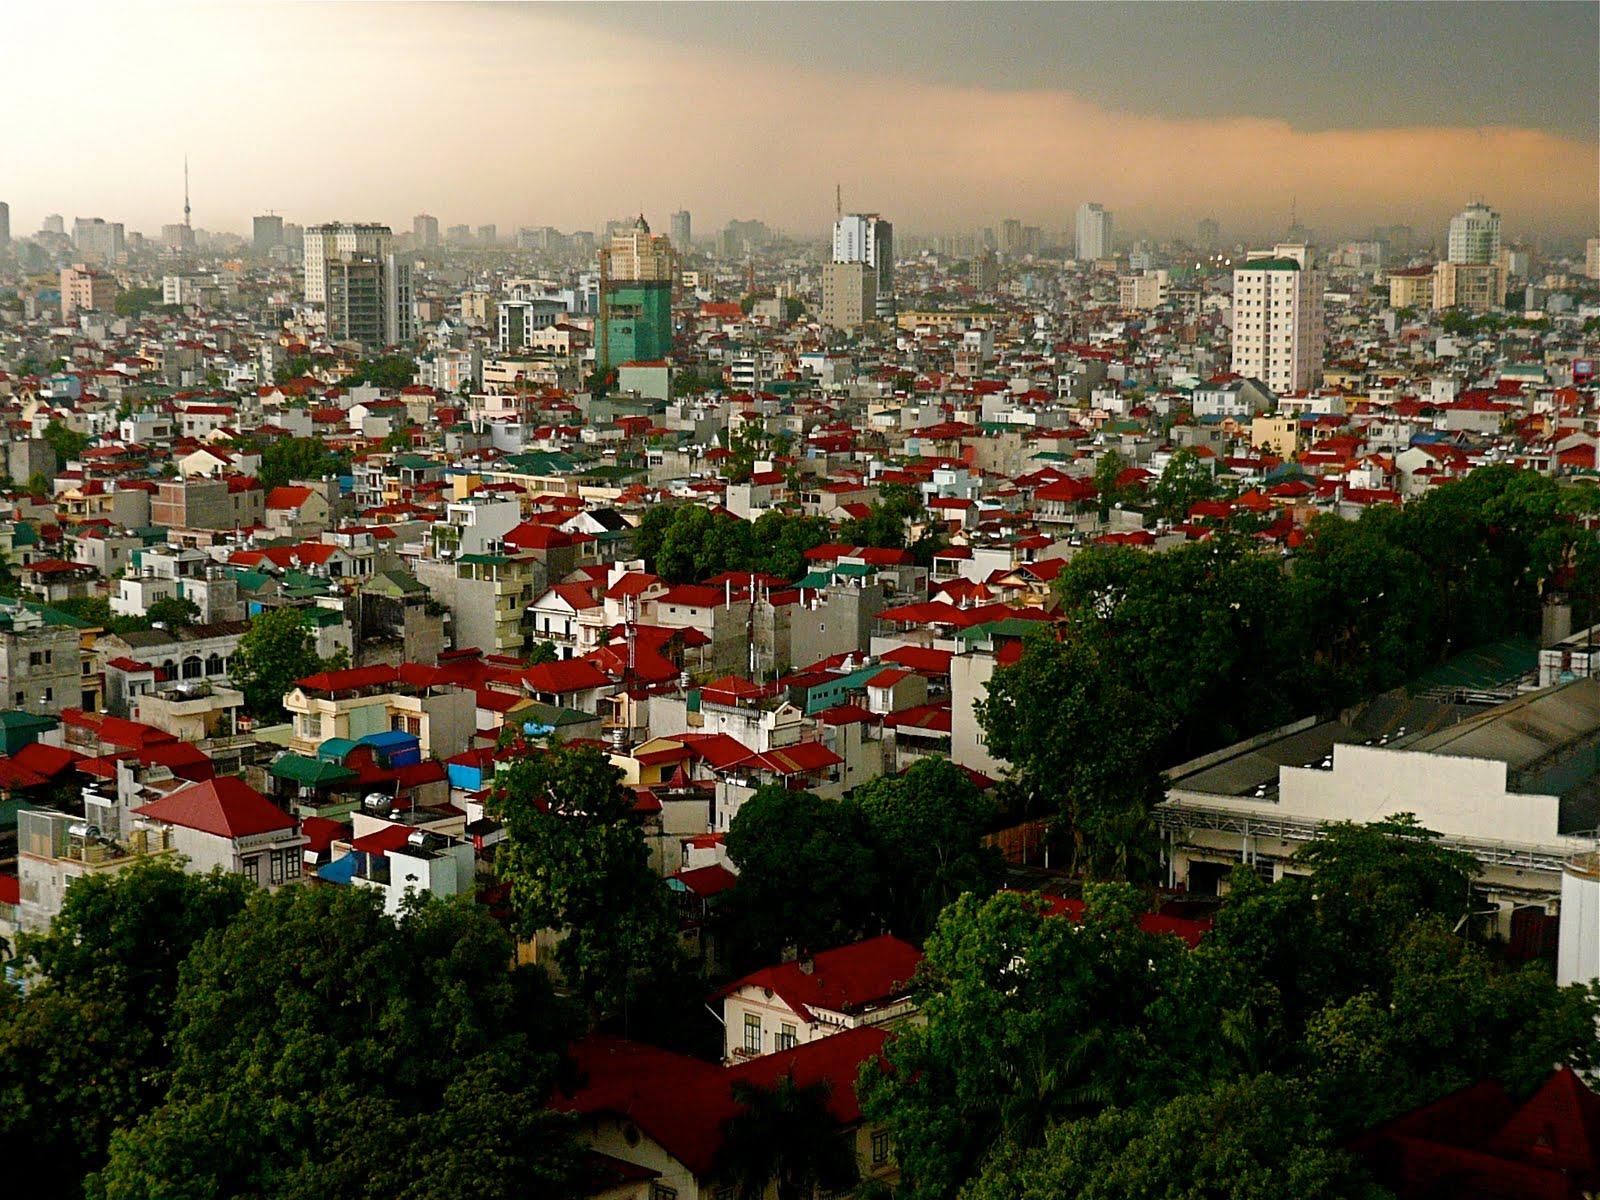 Clădirile cu acoperiș roșu domină orizontul capitalei vietnameze